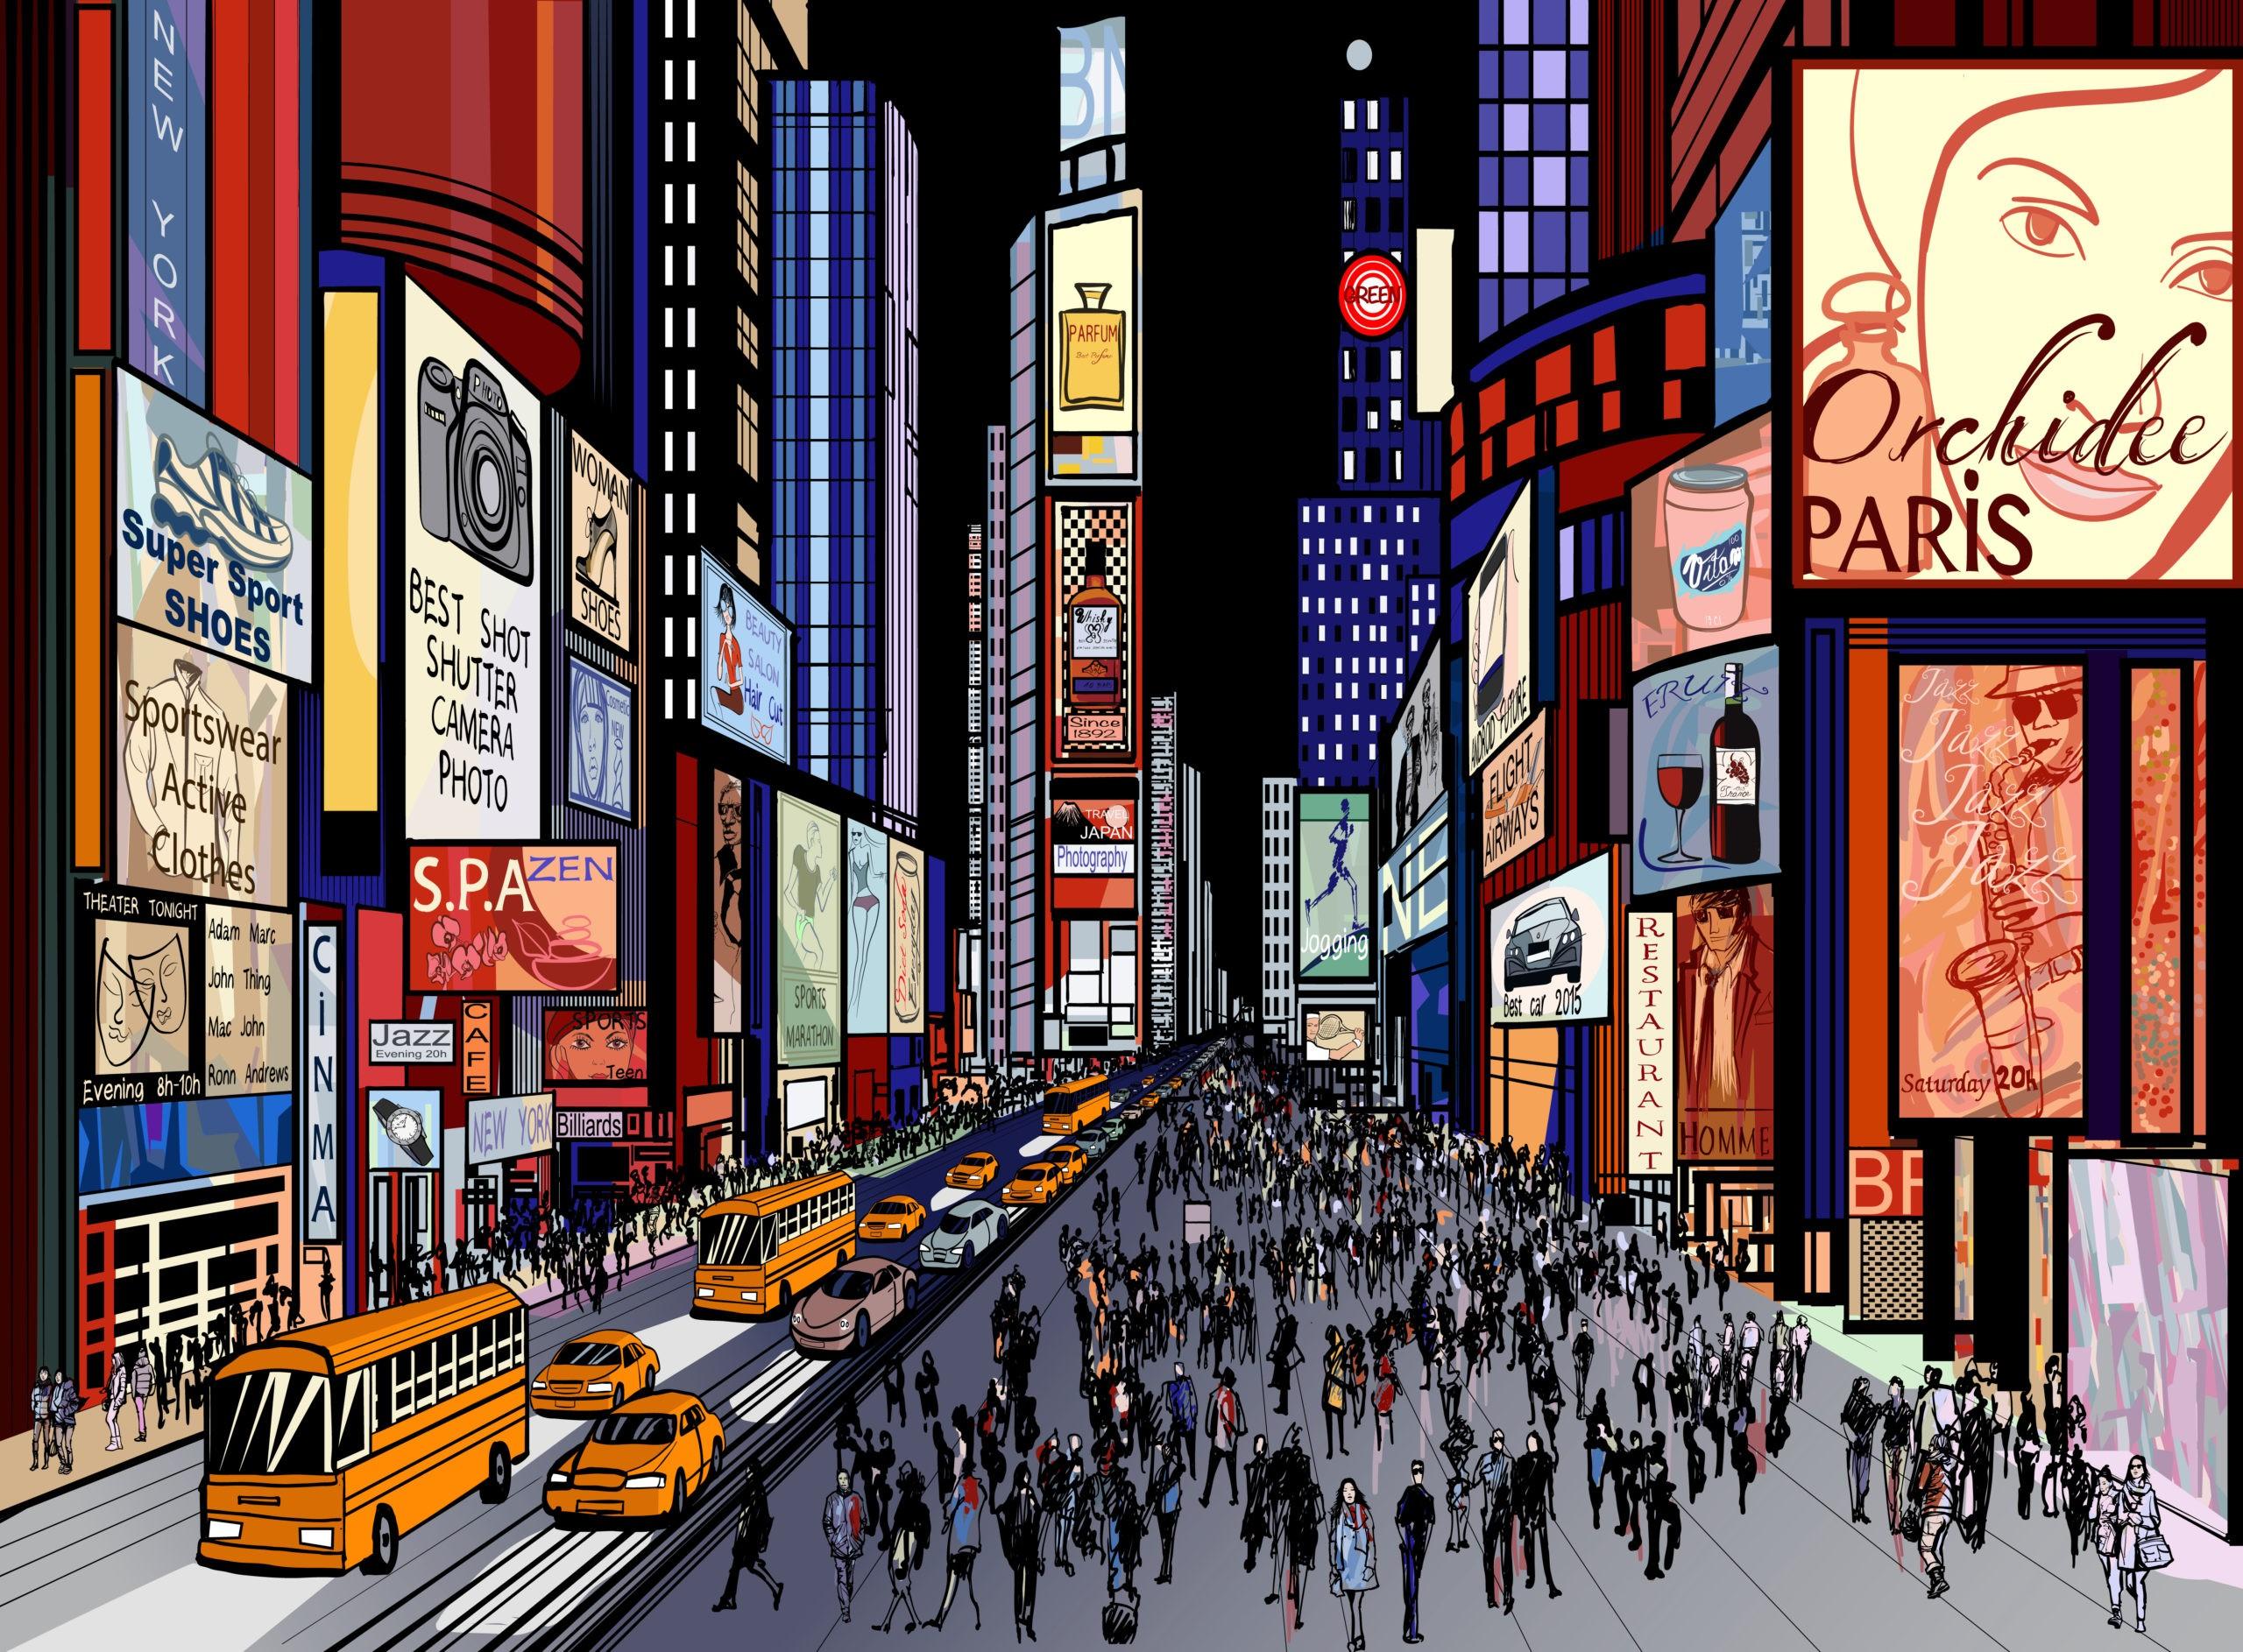 Wektorowa ilustracja nocnego Times Square w Nowym Jorku, licencja: shutterstock/By isaxar